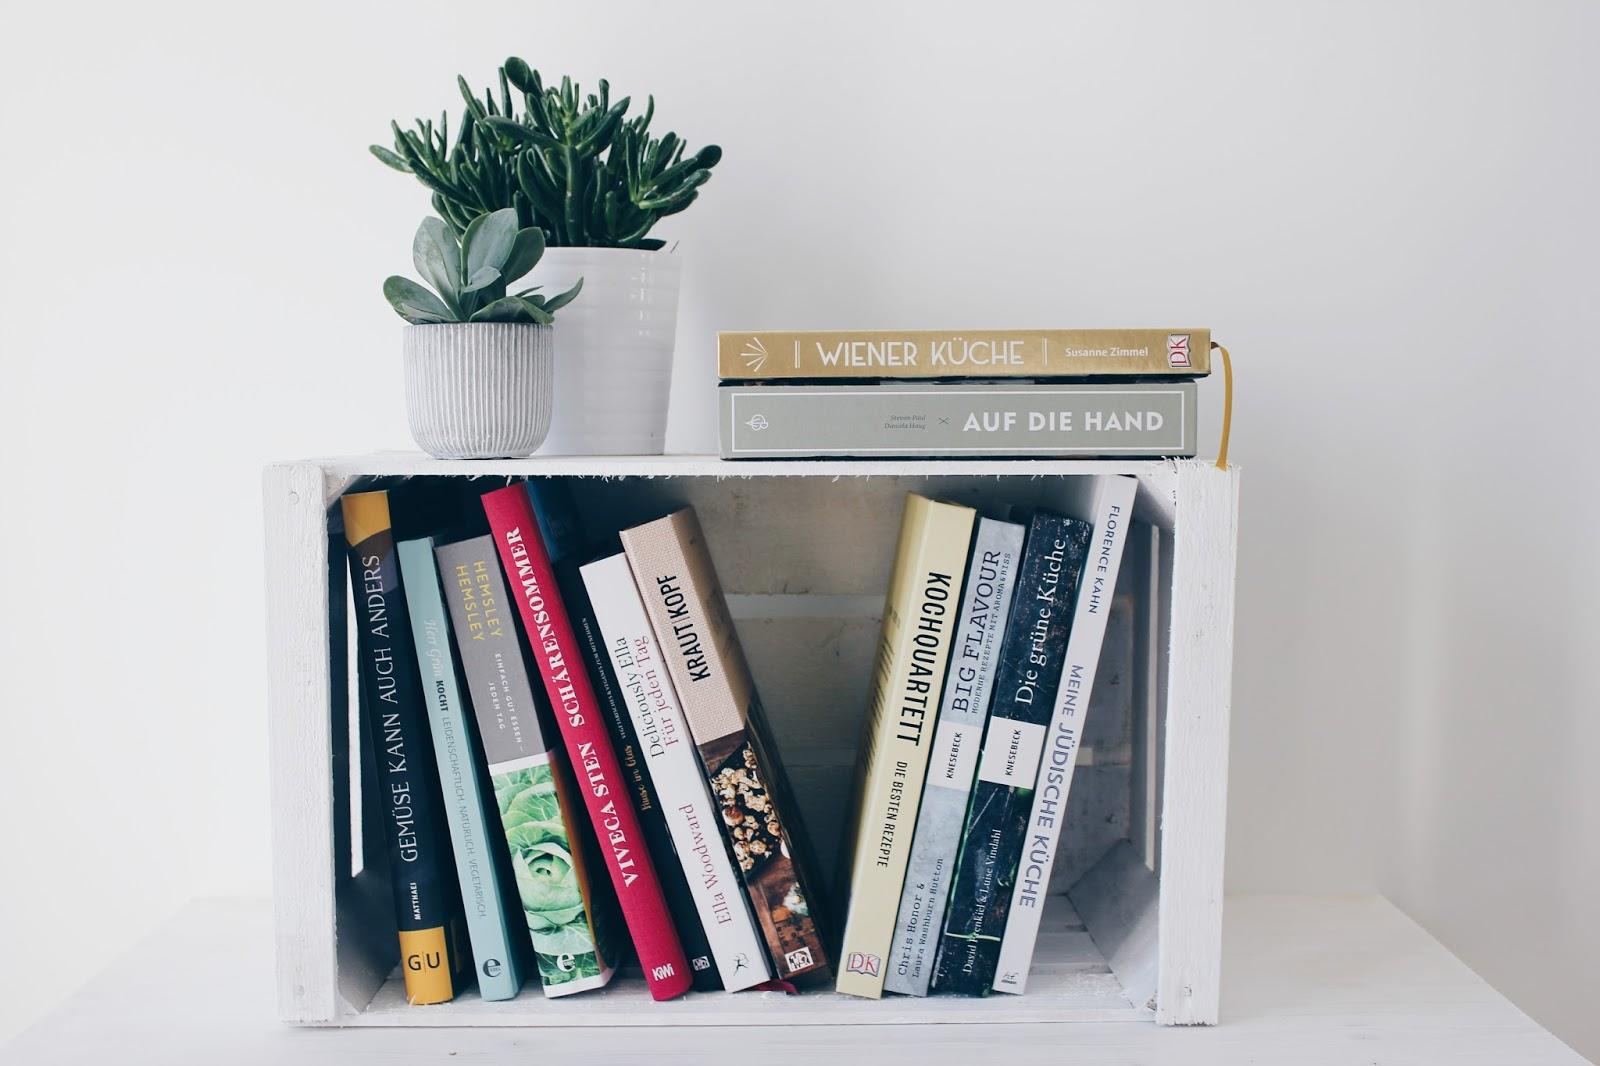 Ein neues Zuhause für meine Kochbücher | dieliebezudenbuechern.de